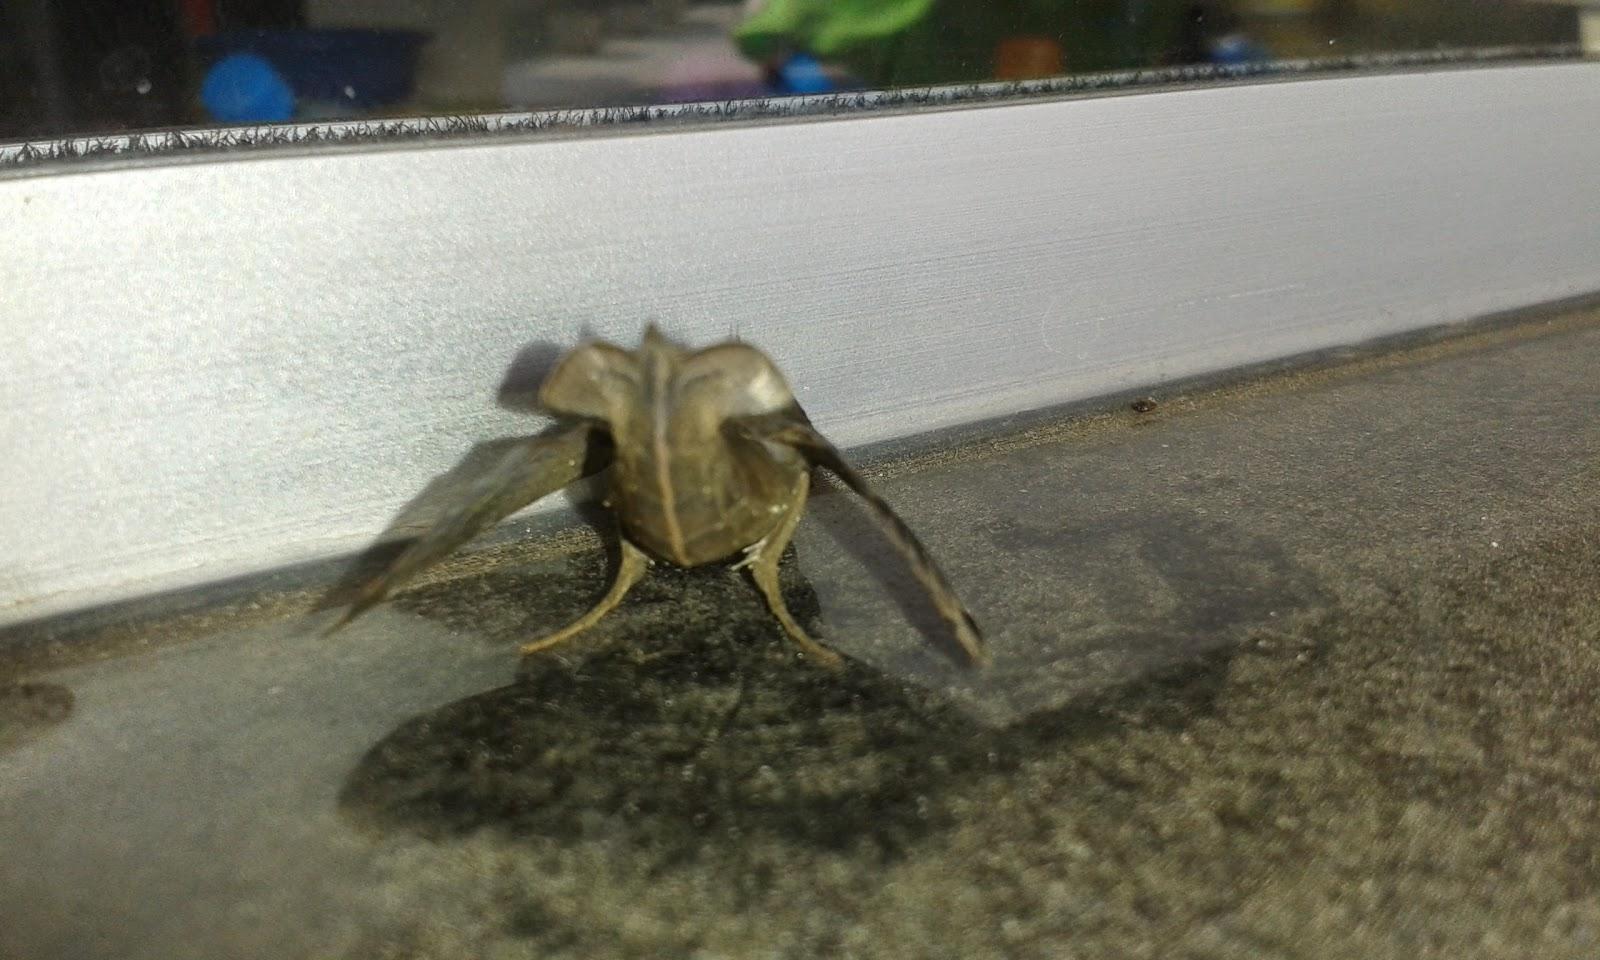 Kleine Bruine Beestjes In Huis